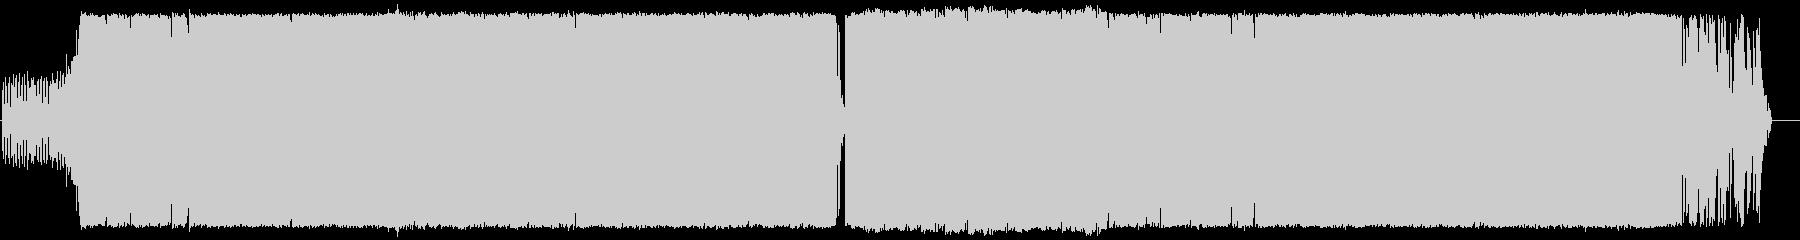 ブレイクビーツ テクノ ハードコア...の未再生の波形